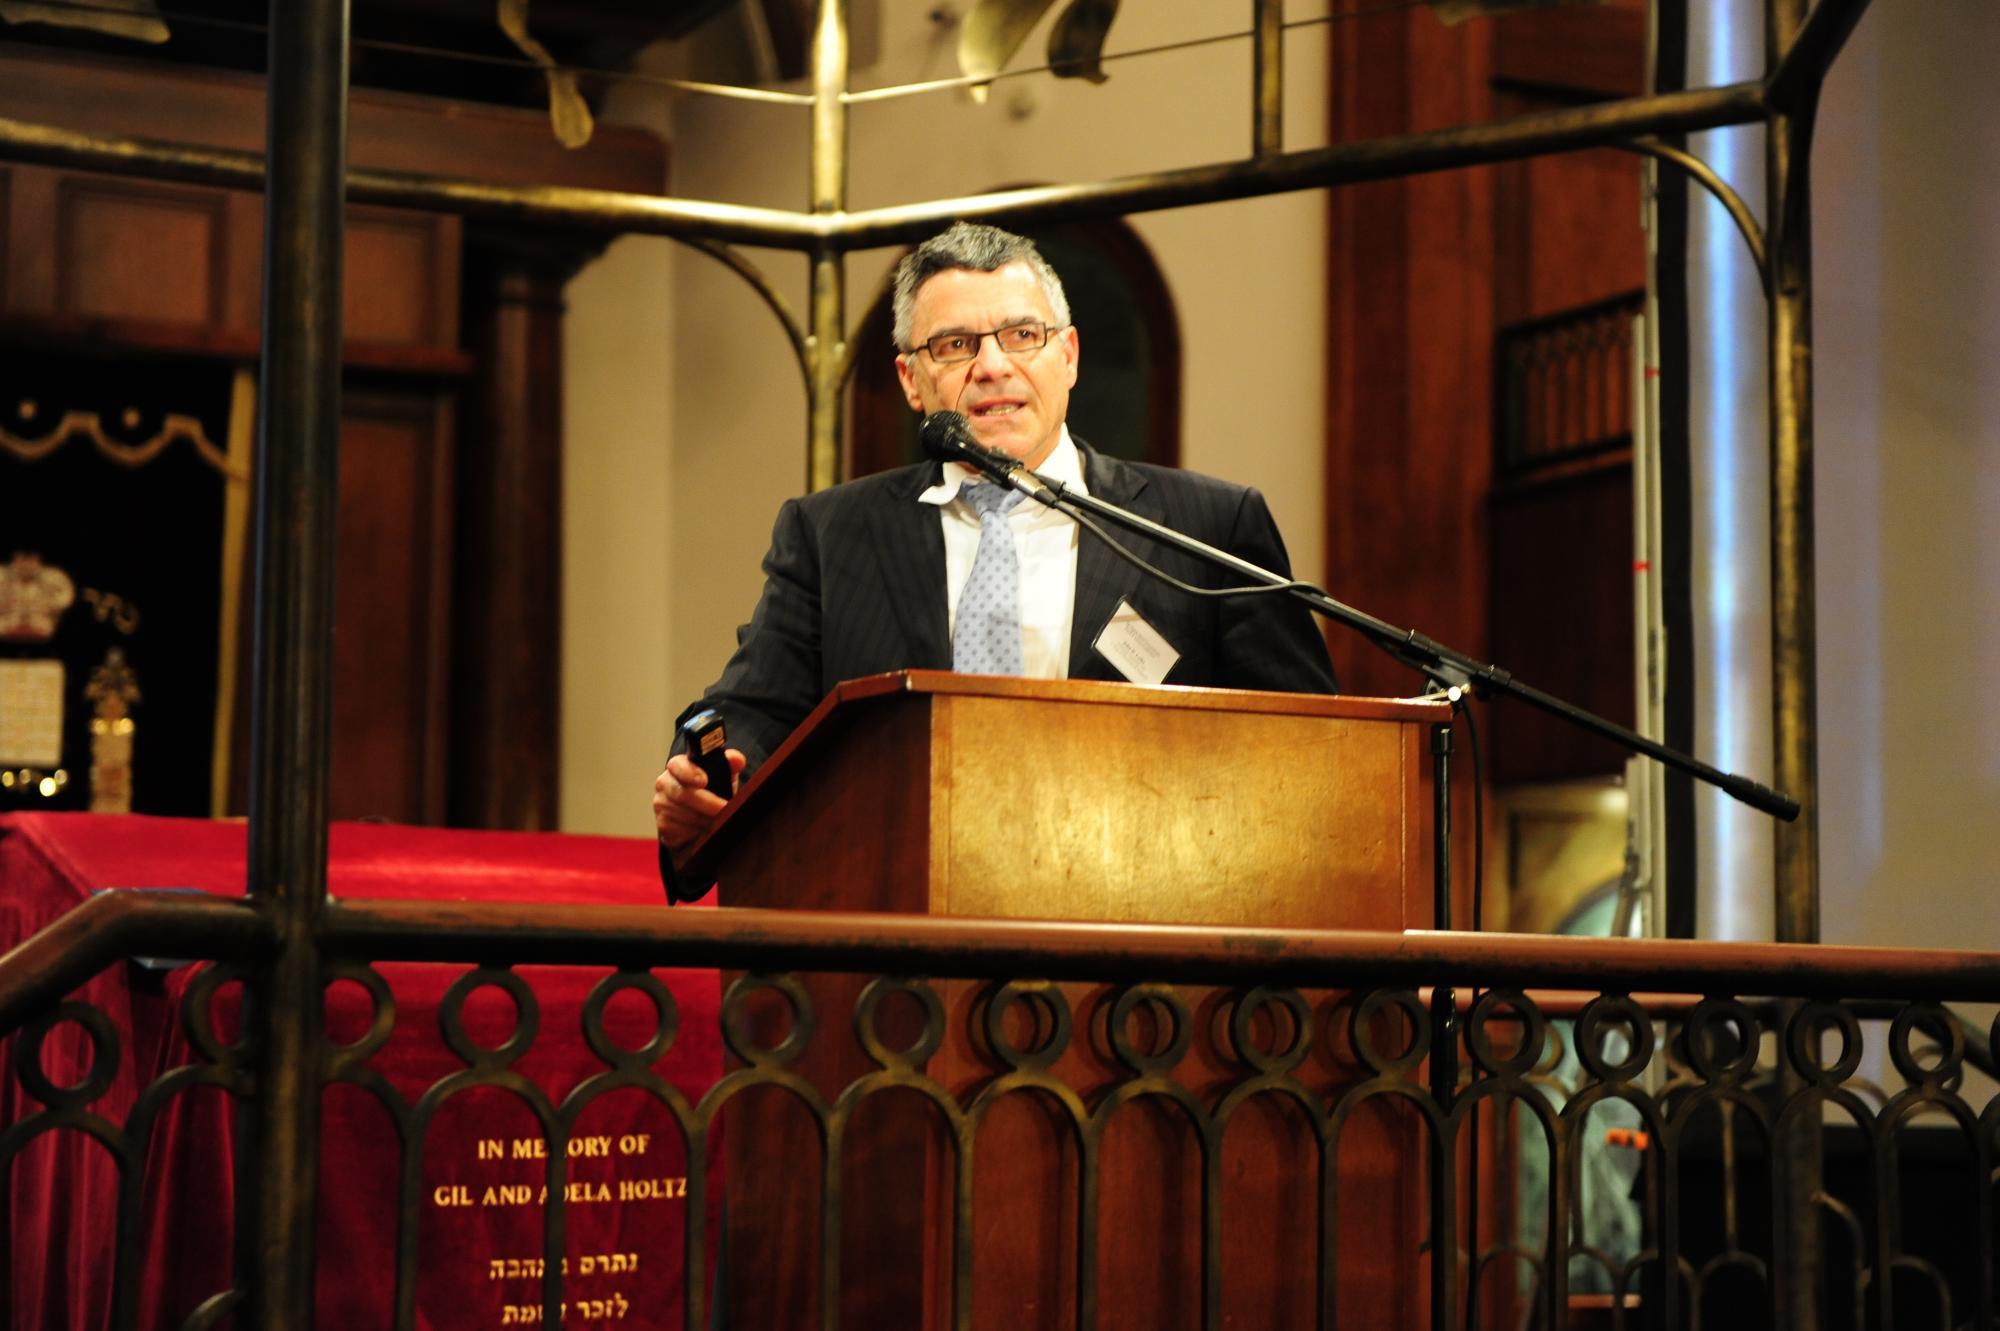 Dr. John D. Loike